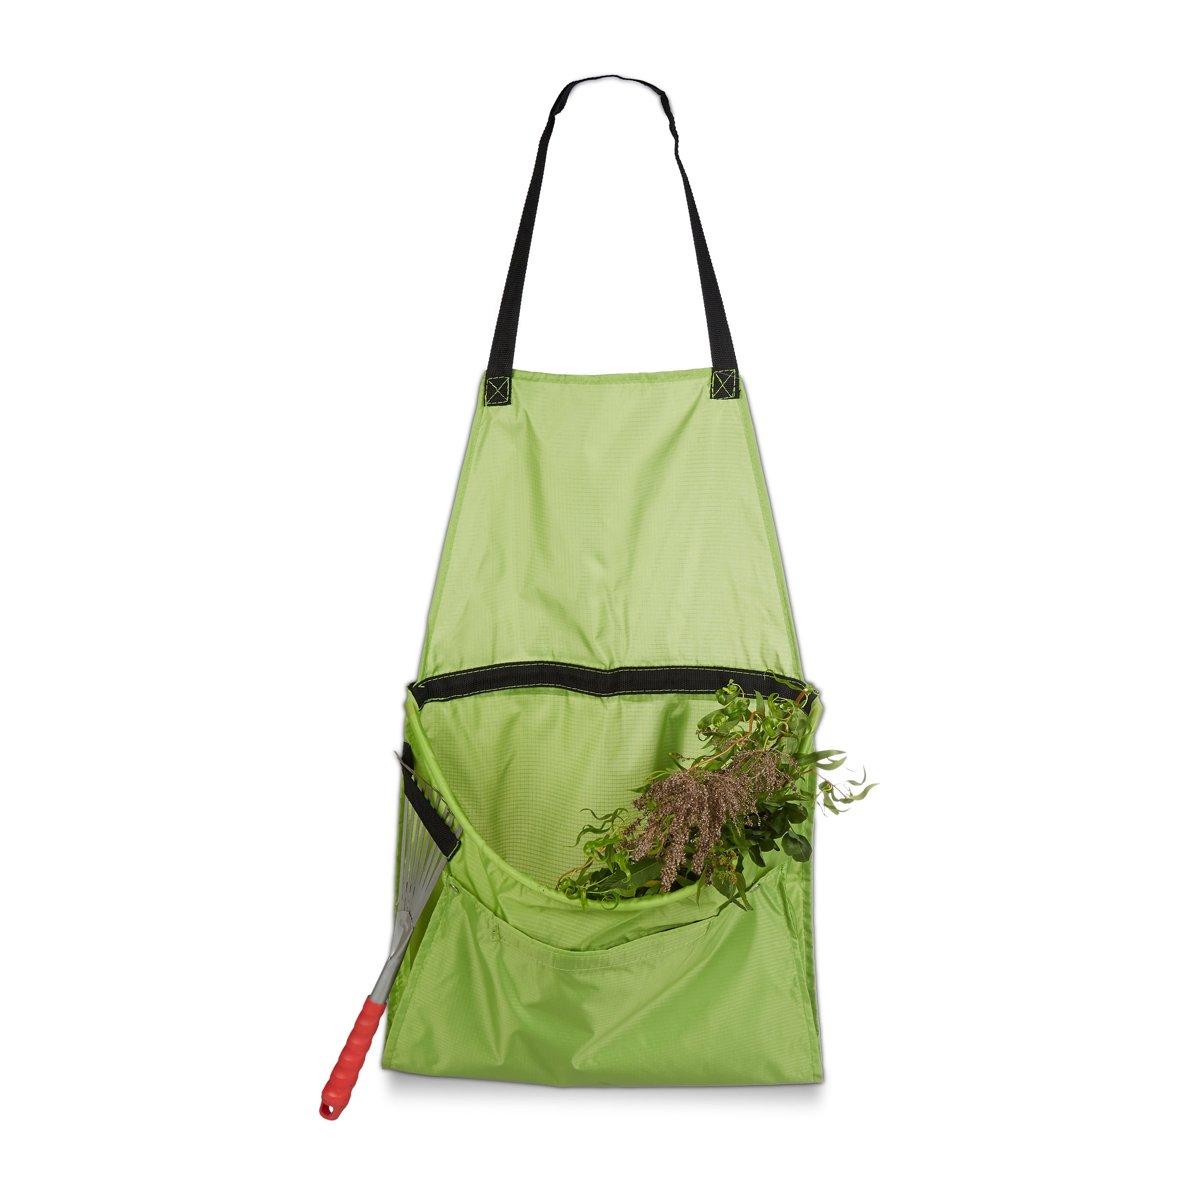 relaxdays - tuinschort voor onkruid of oogst - eenvoudig te legen - tuin schort kopen